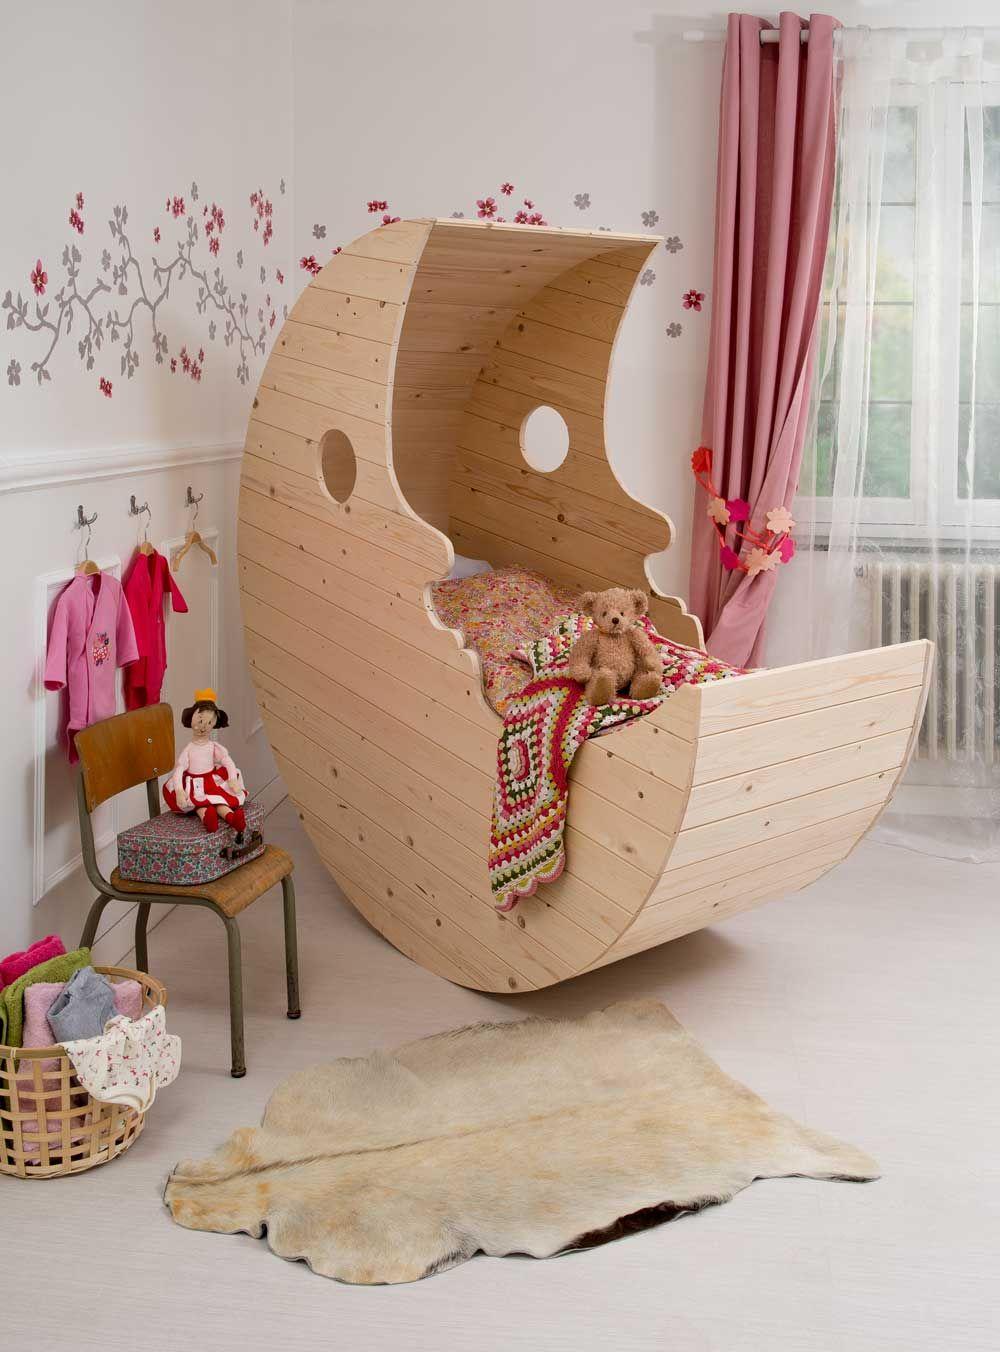 le berceau lune pour les makers maison pinterest lit pour b b astuce bricolage et berceau. Black Bedroom Furniture Sets. Home Design Ideas